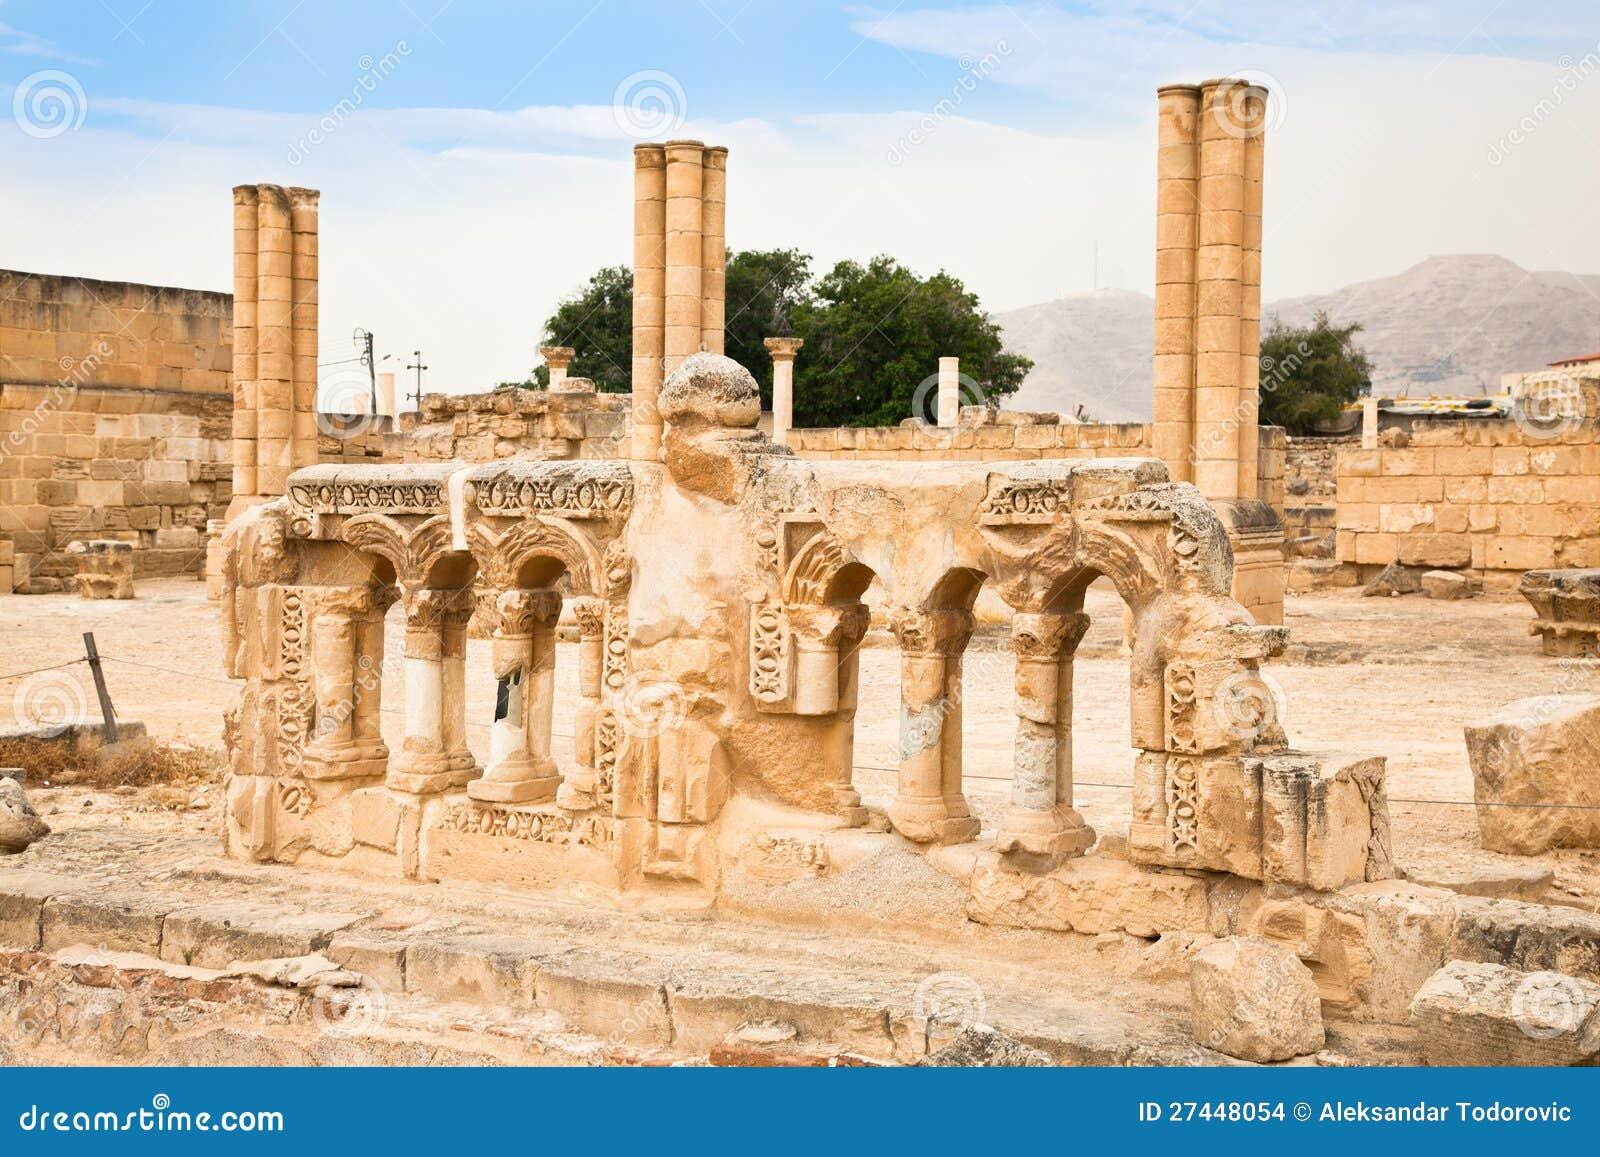 Palacio de hisham en jericho israel imagenes de archivo - Bater roca precios ...